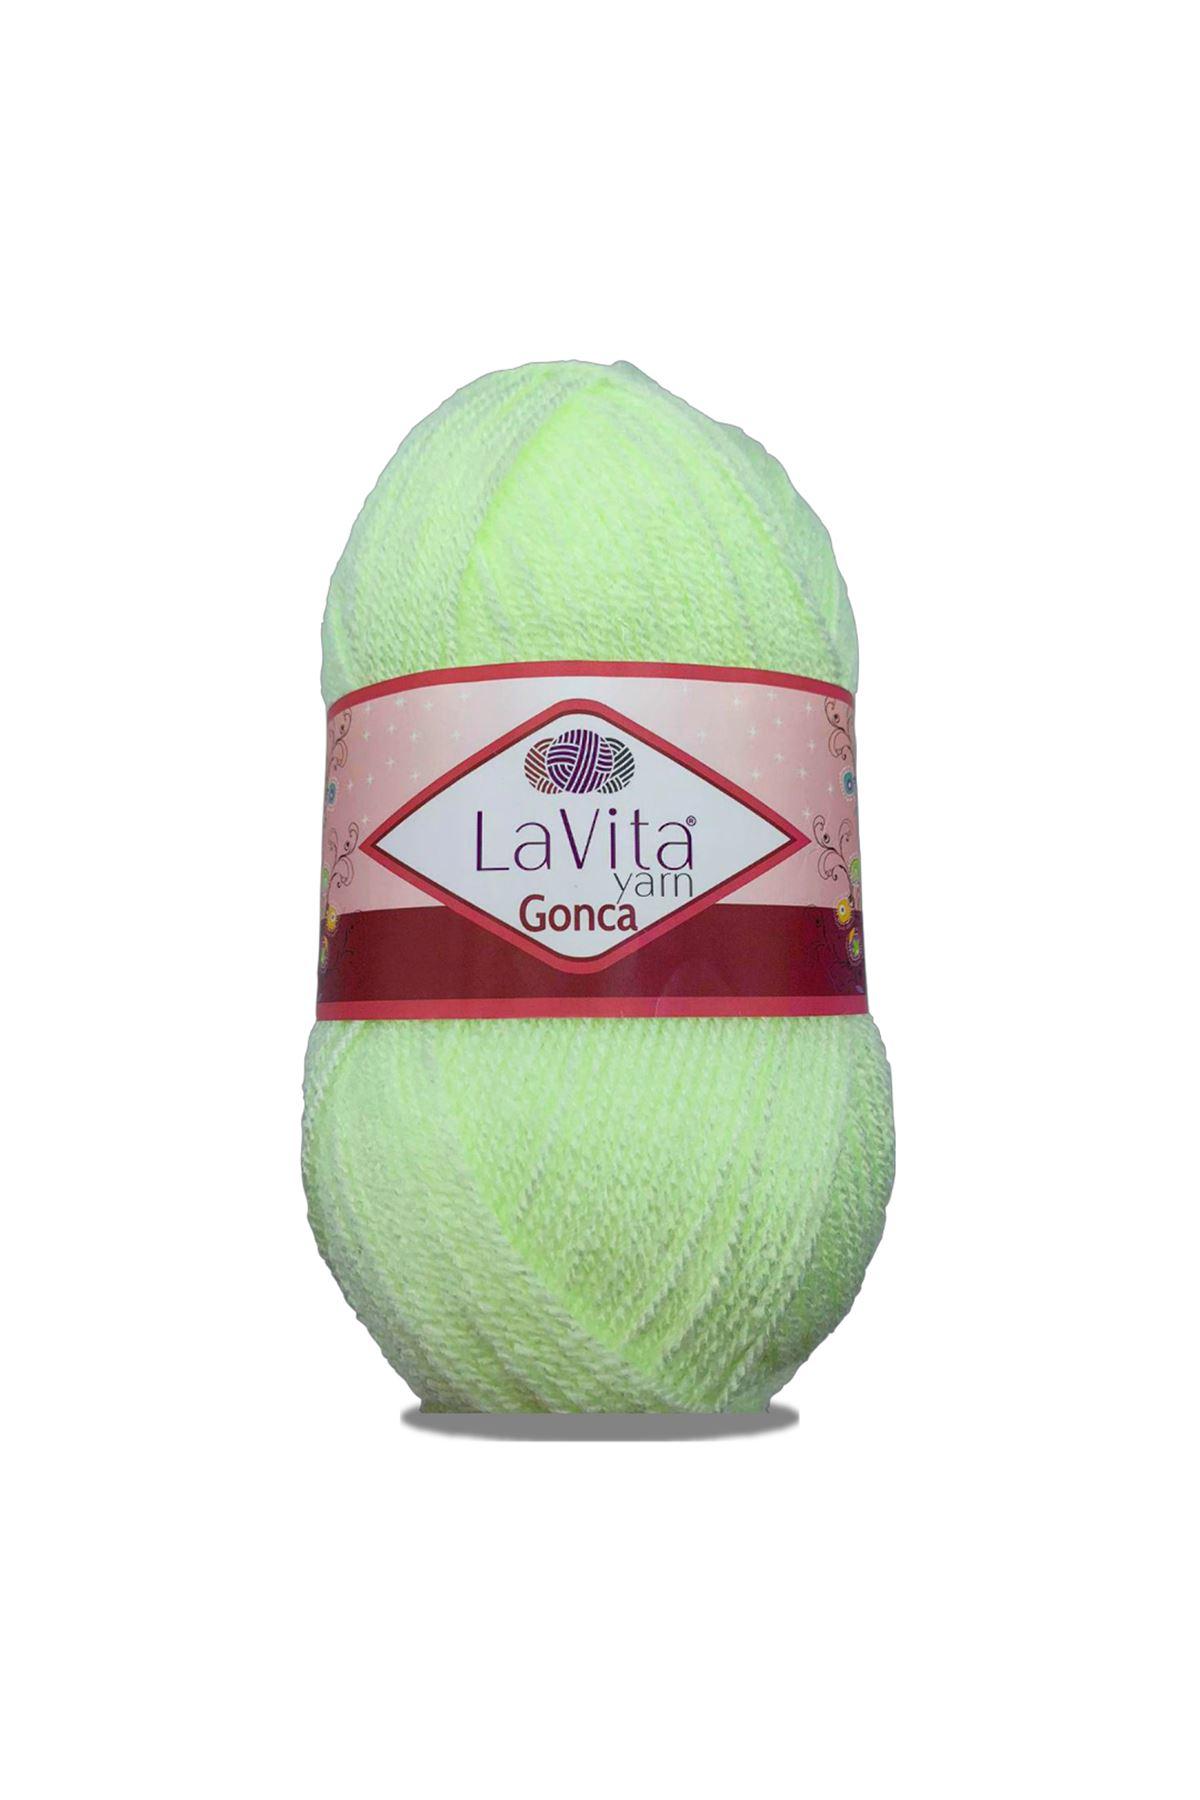 Lavita Gonca 8206 Açık Neon Yeşil